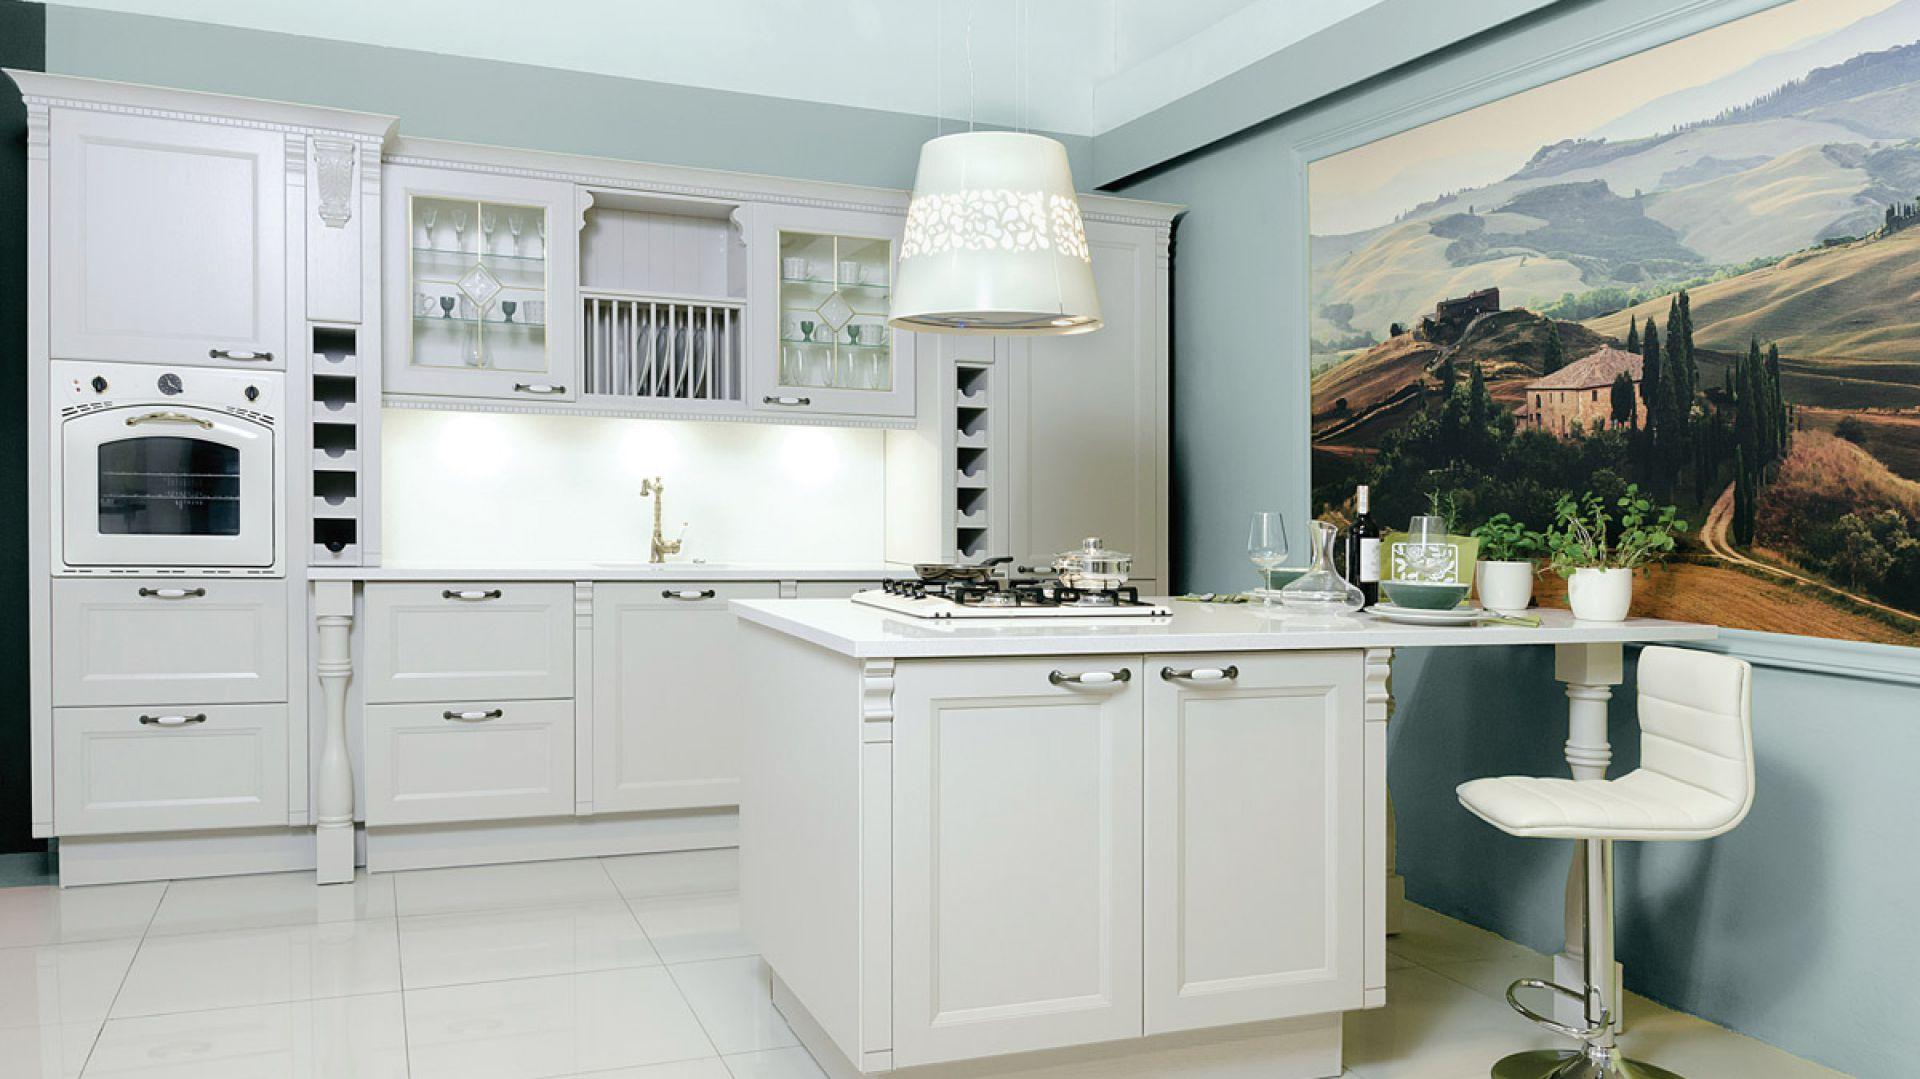 Kuchnia w stylu Modna kuchnia Zobacz jak urządzić ją   -> Kuchnia W Prowansalskim Stylu